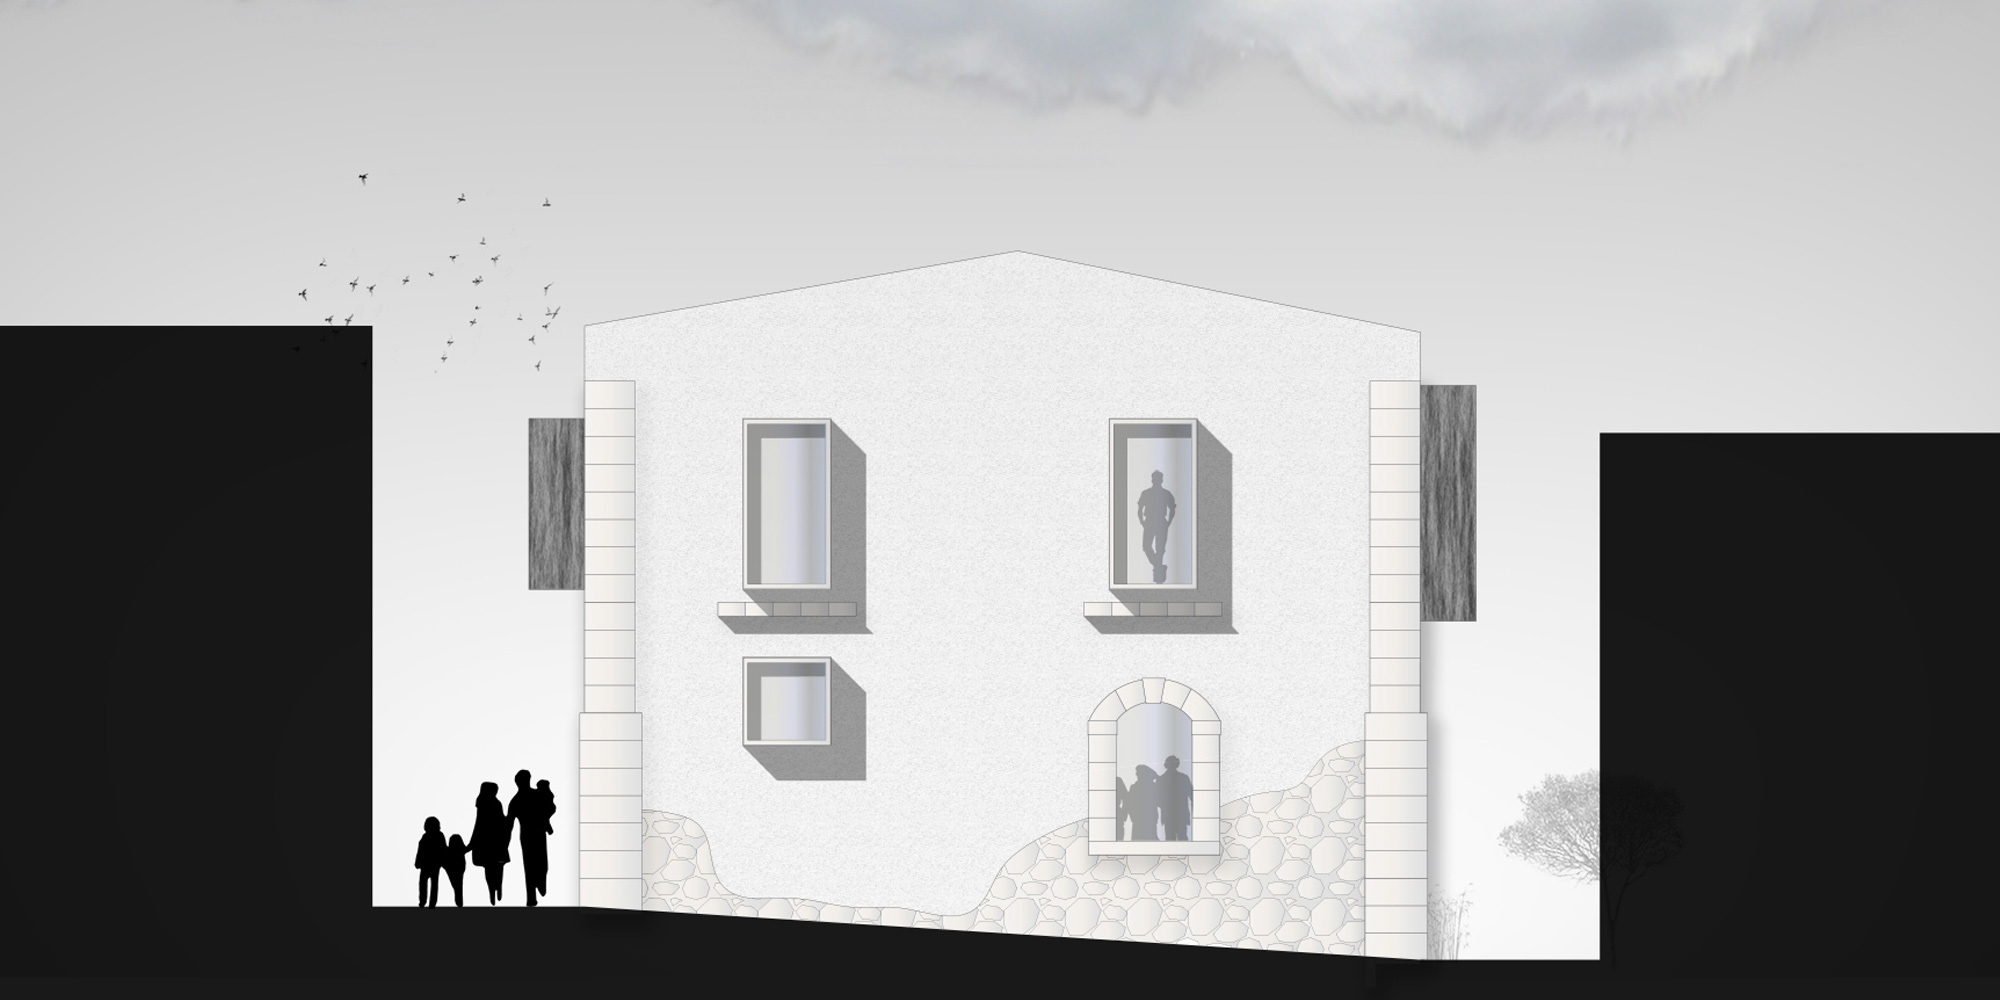 PROPSETTO DA VIA VITTORIO EMANUELE © Lillo Giglia Architect